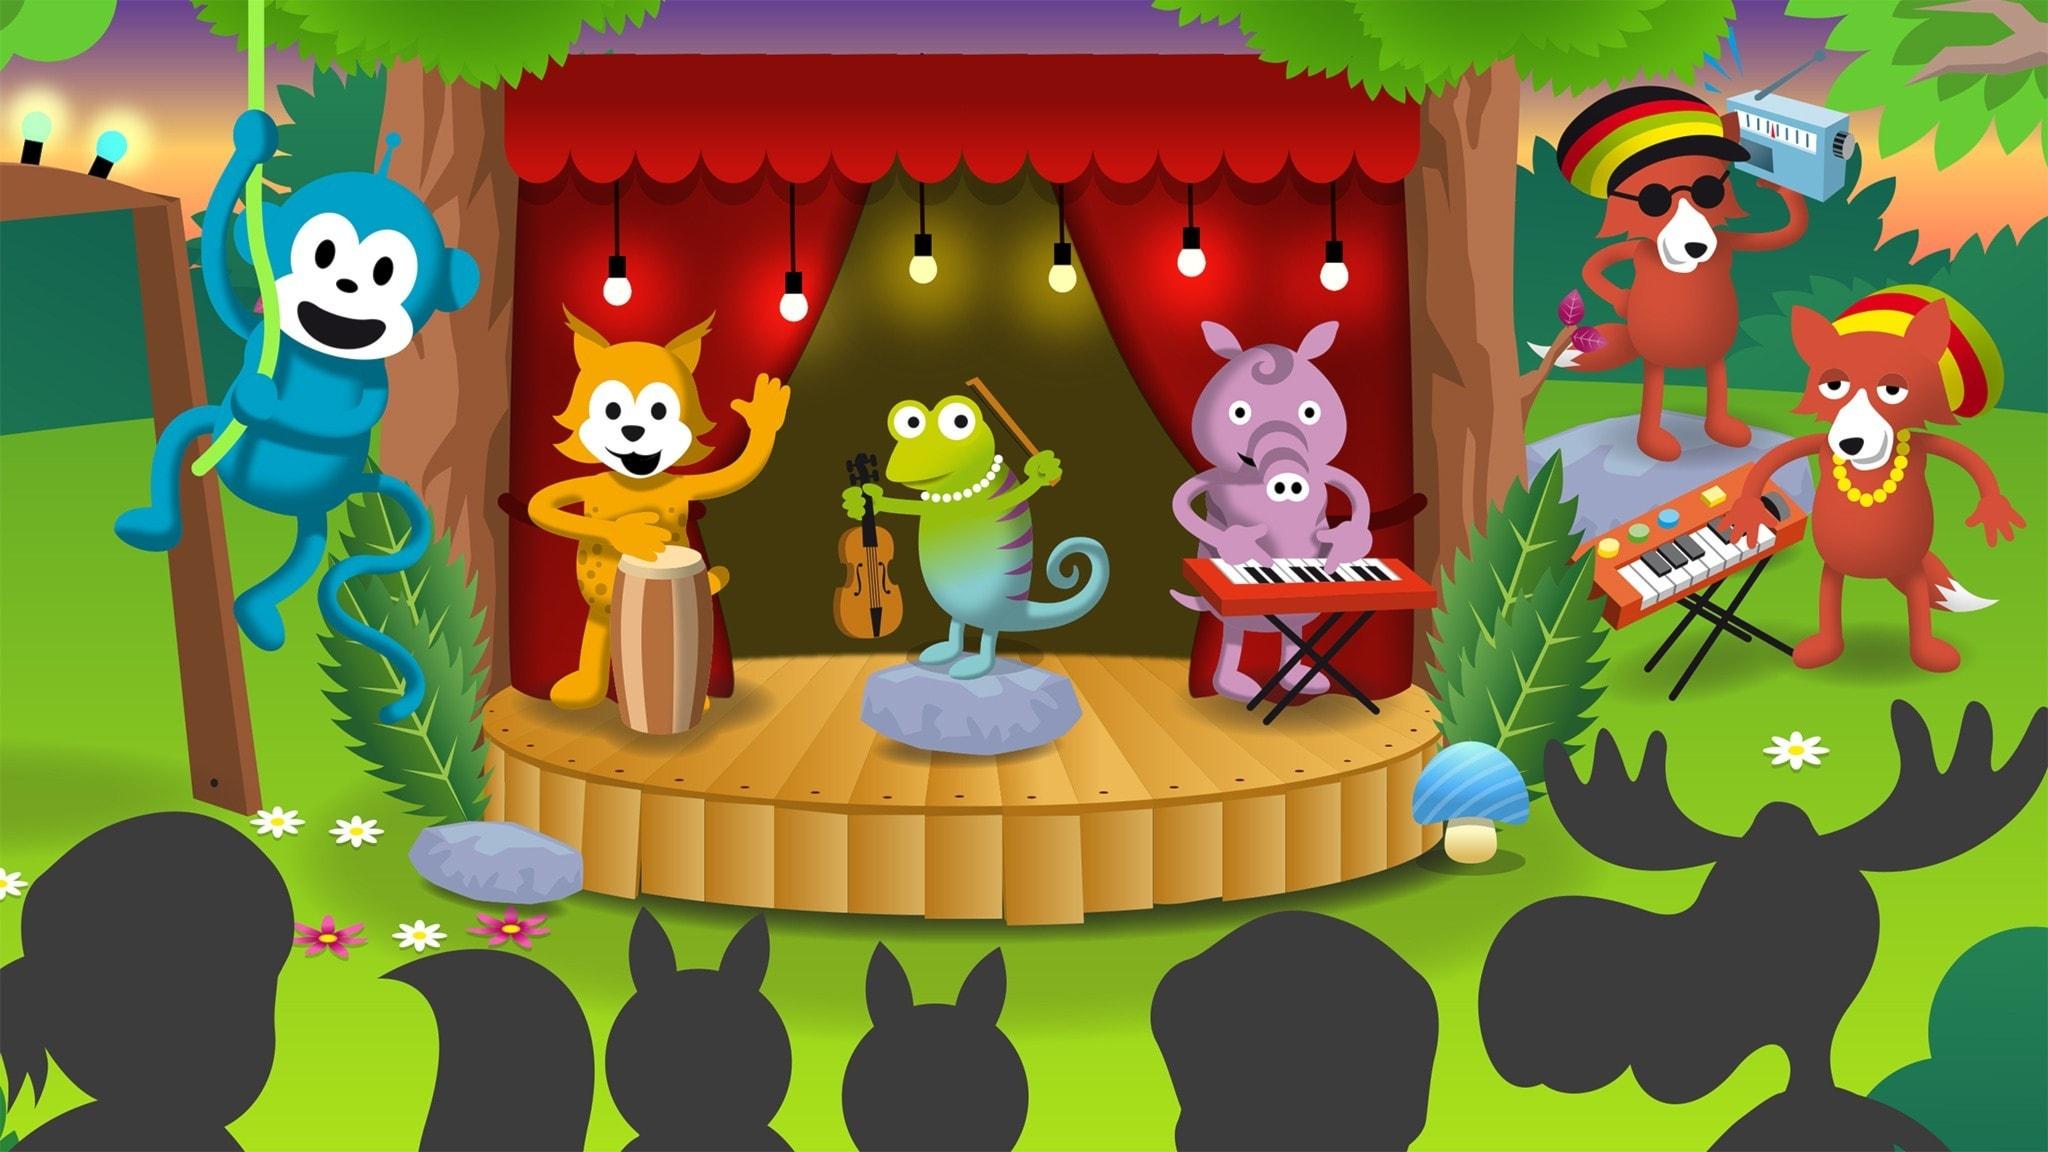 Radioapan och hans kompisar på en scen. Med extra sällskap av Reaggerävarna!